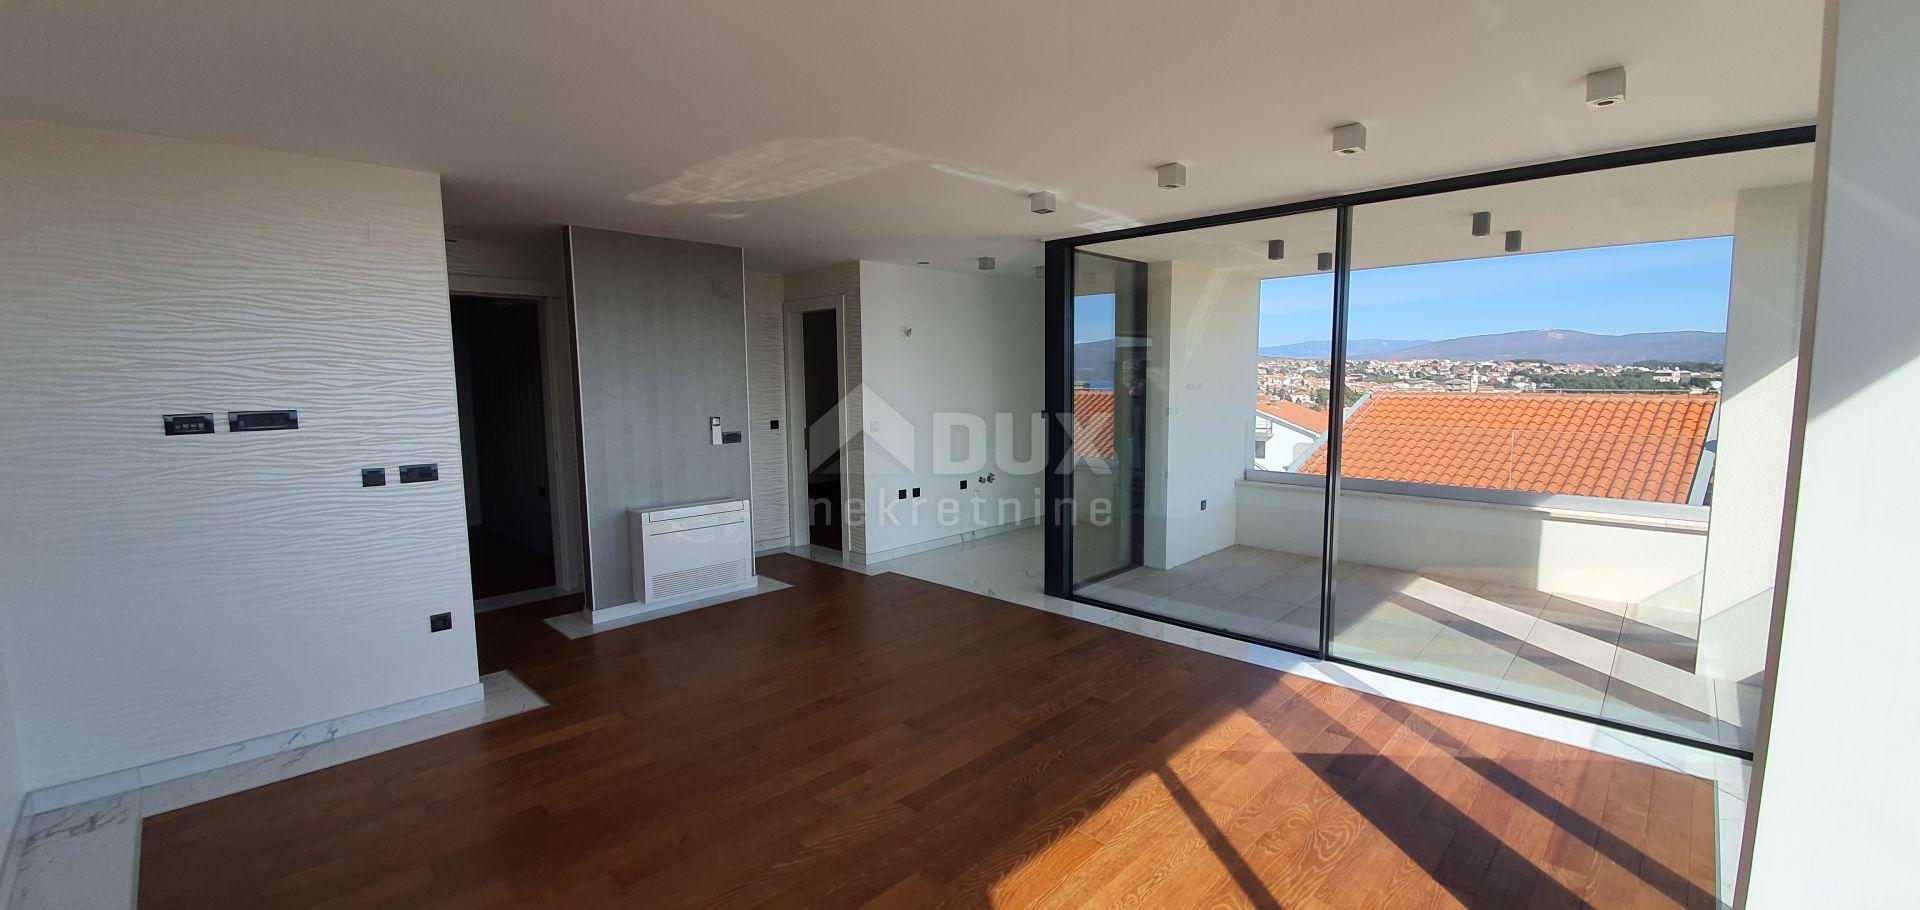 Apartment Krk, 54,11m2